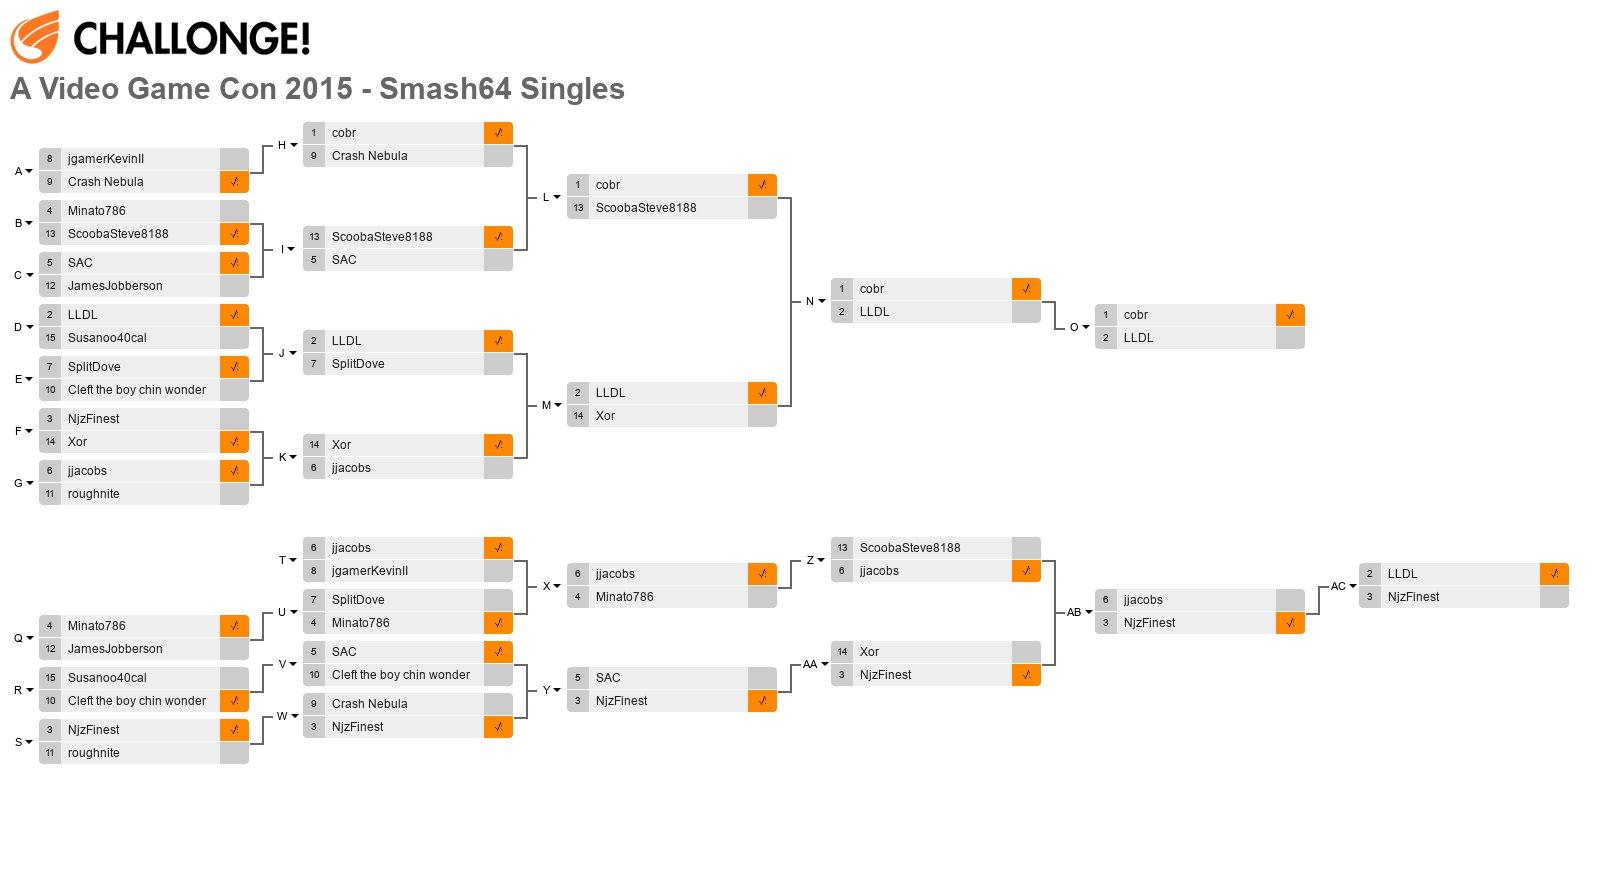 A Video Game Con 2015 - Smash64 Singles